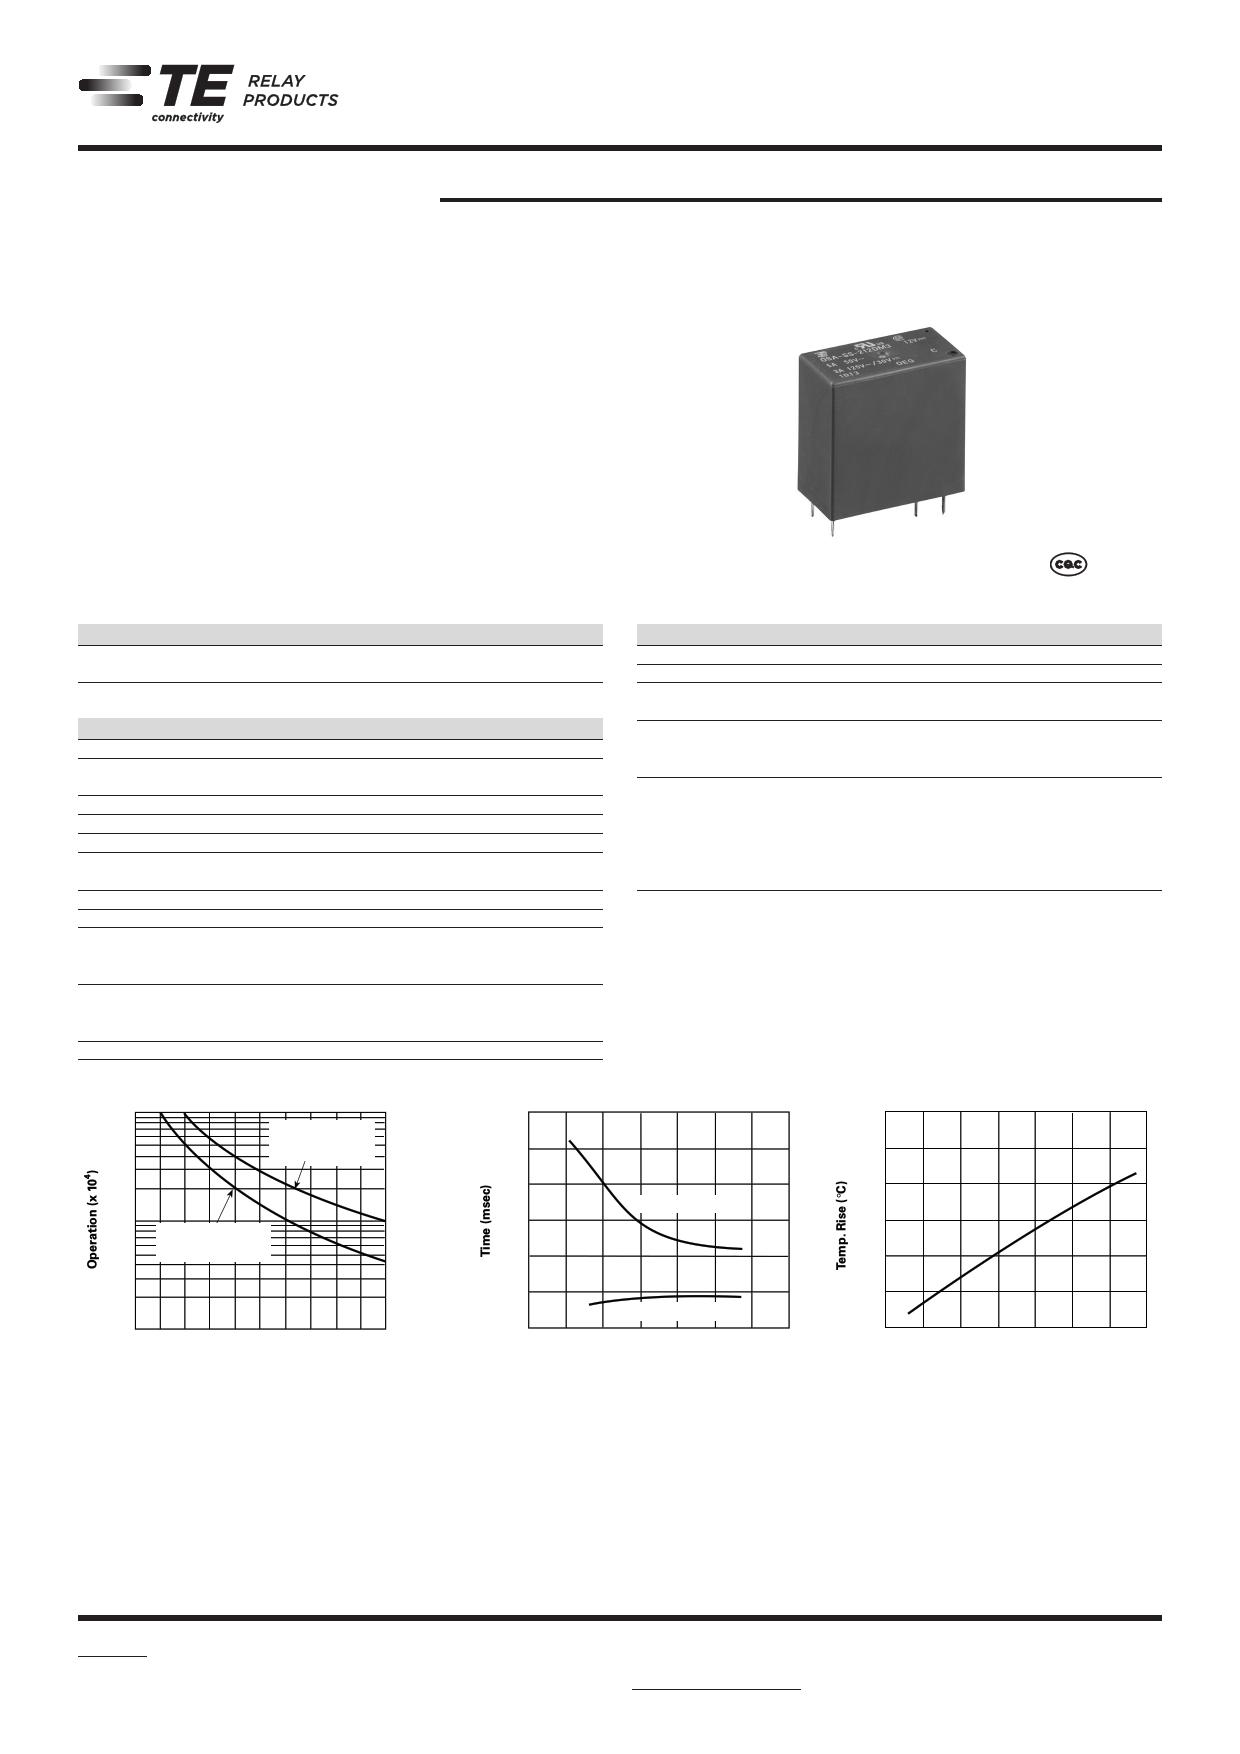 OSA-SH-205DM5 데이터시트 및 OSA-SH-205DM5 PDF